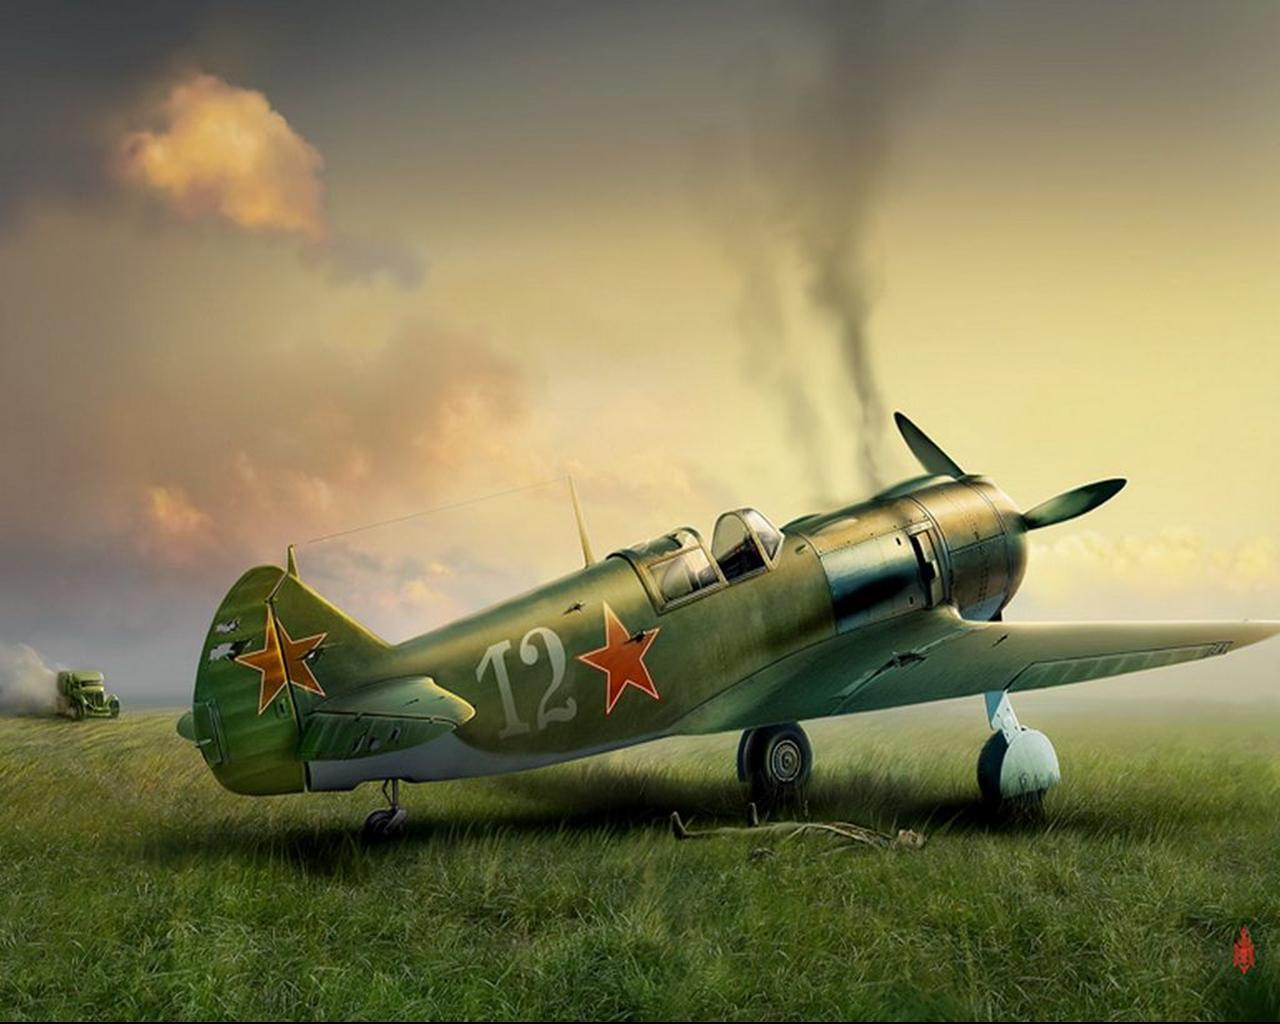 Ла-5 (ЛаГГ-5) » Мир самолетов. Все самолеты мира подробный ресурс ...